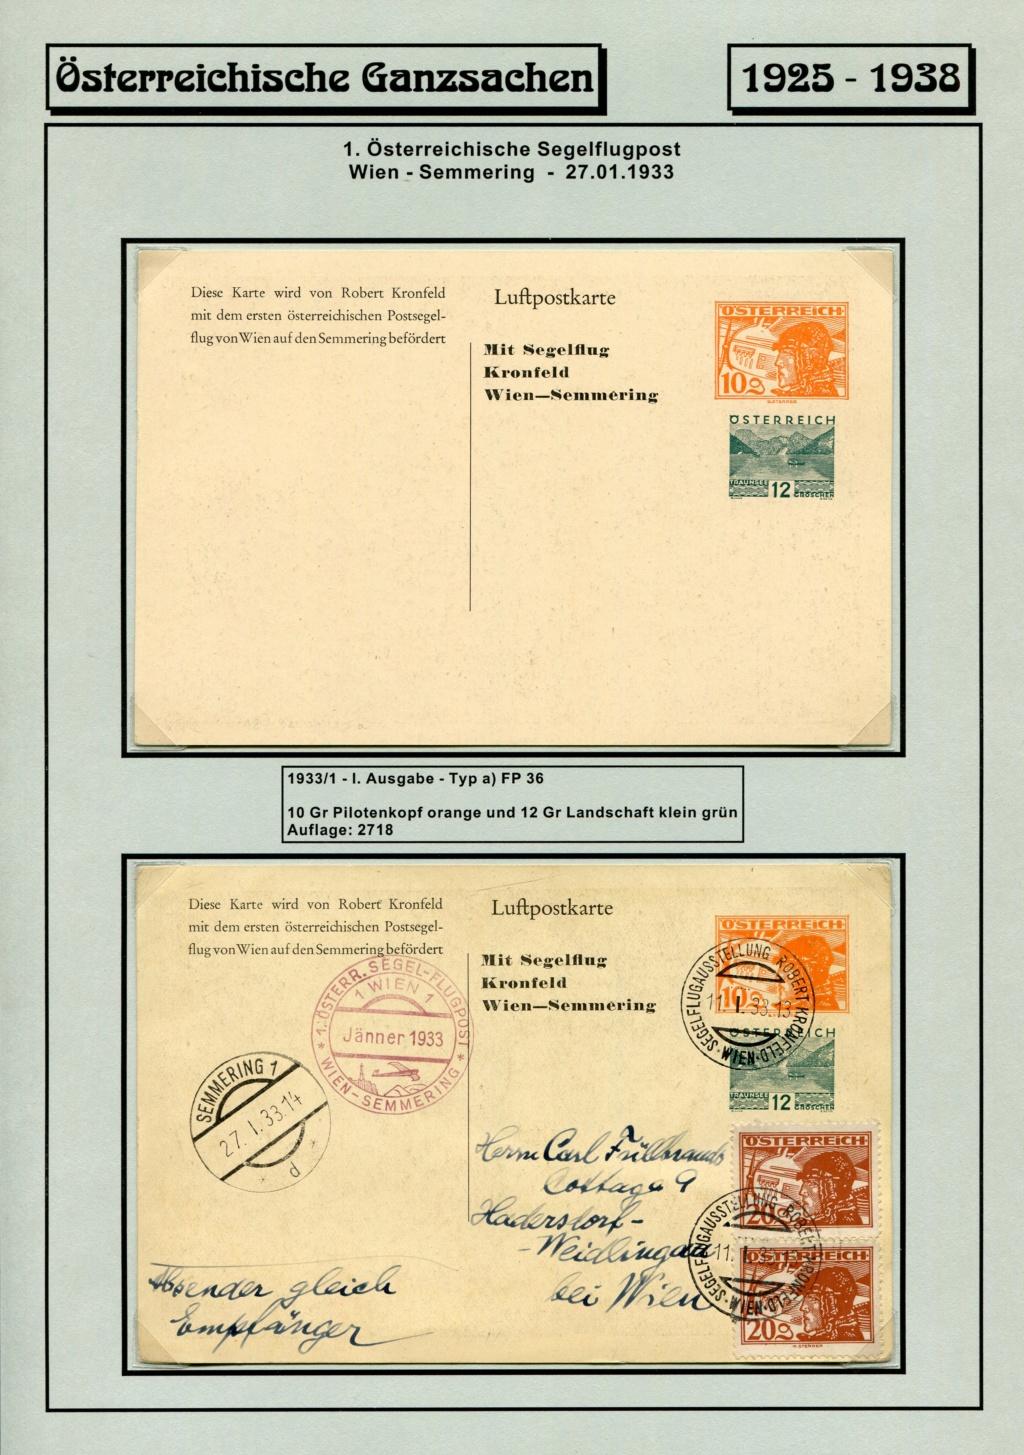 Ganzsachen - Segelflug Robert Kronfeld 1933 Kr_00014